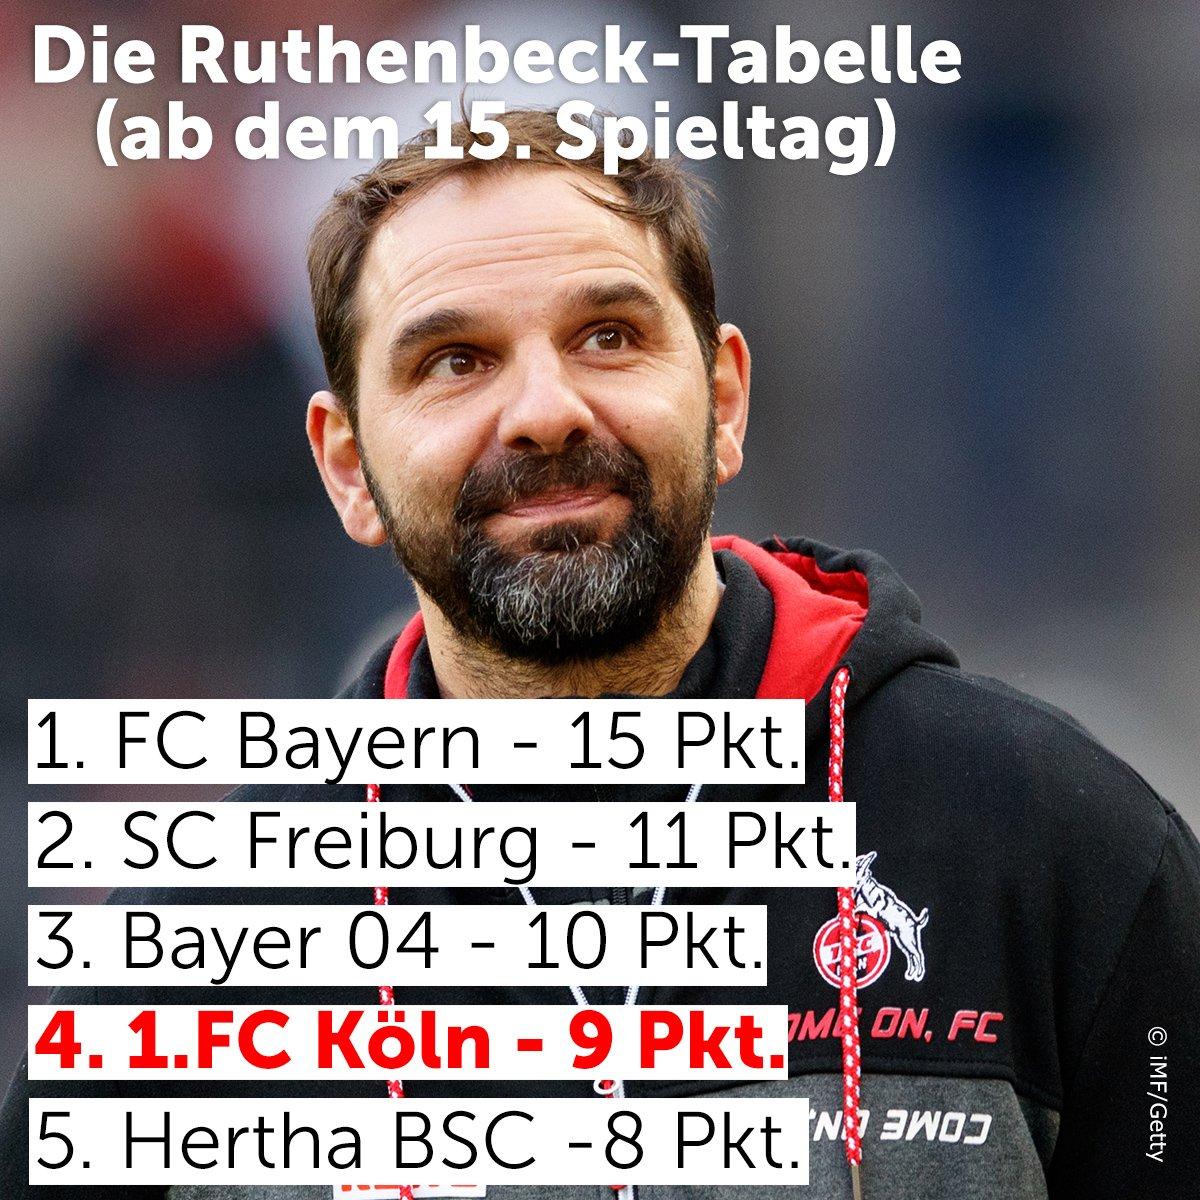 Läuft beim Effzeh! Beim SC Freiburg natürlich auch! #Ruthenbeck https://t.co/vImbU2SF0u